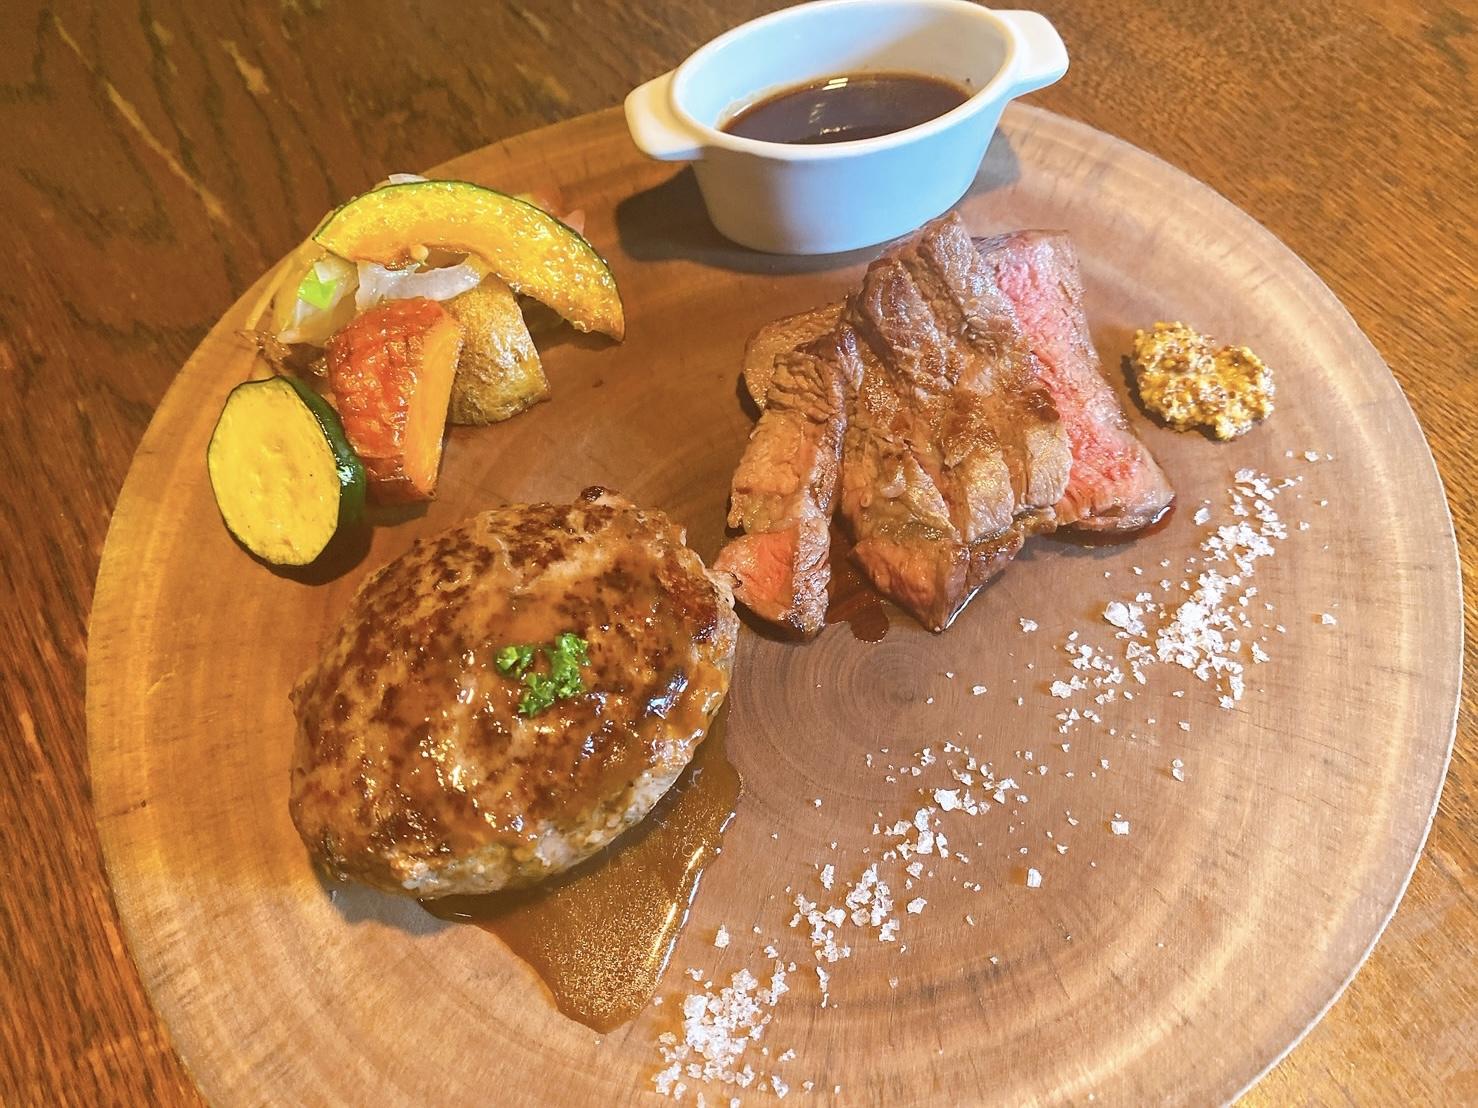 お肉が食べたくなったら「ゆうぼく民」がオススメ!「ステーキ&ハンバーグ」を食べてきたよ!